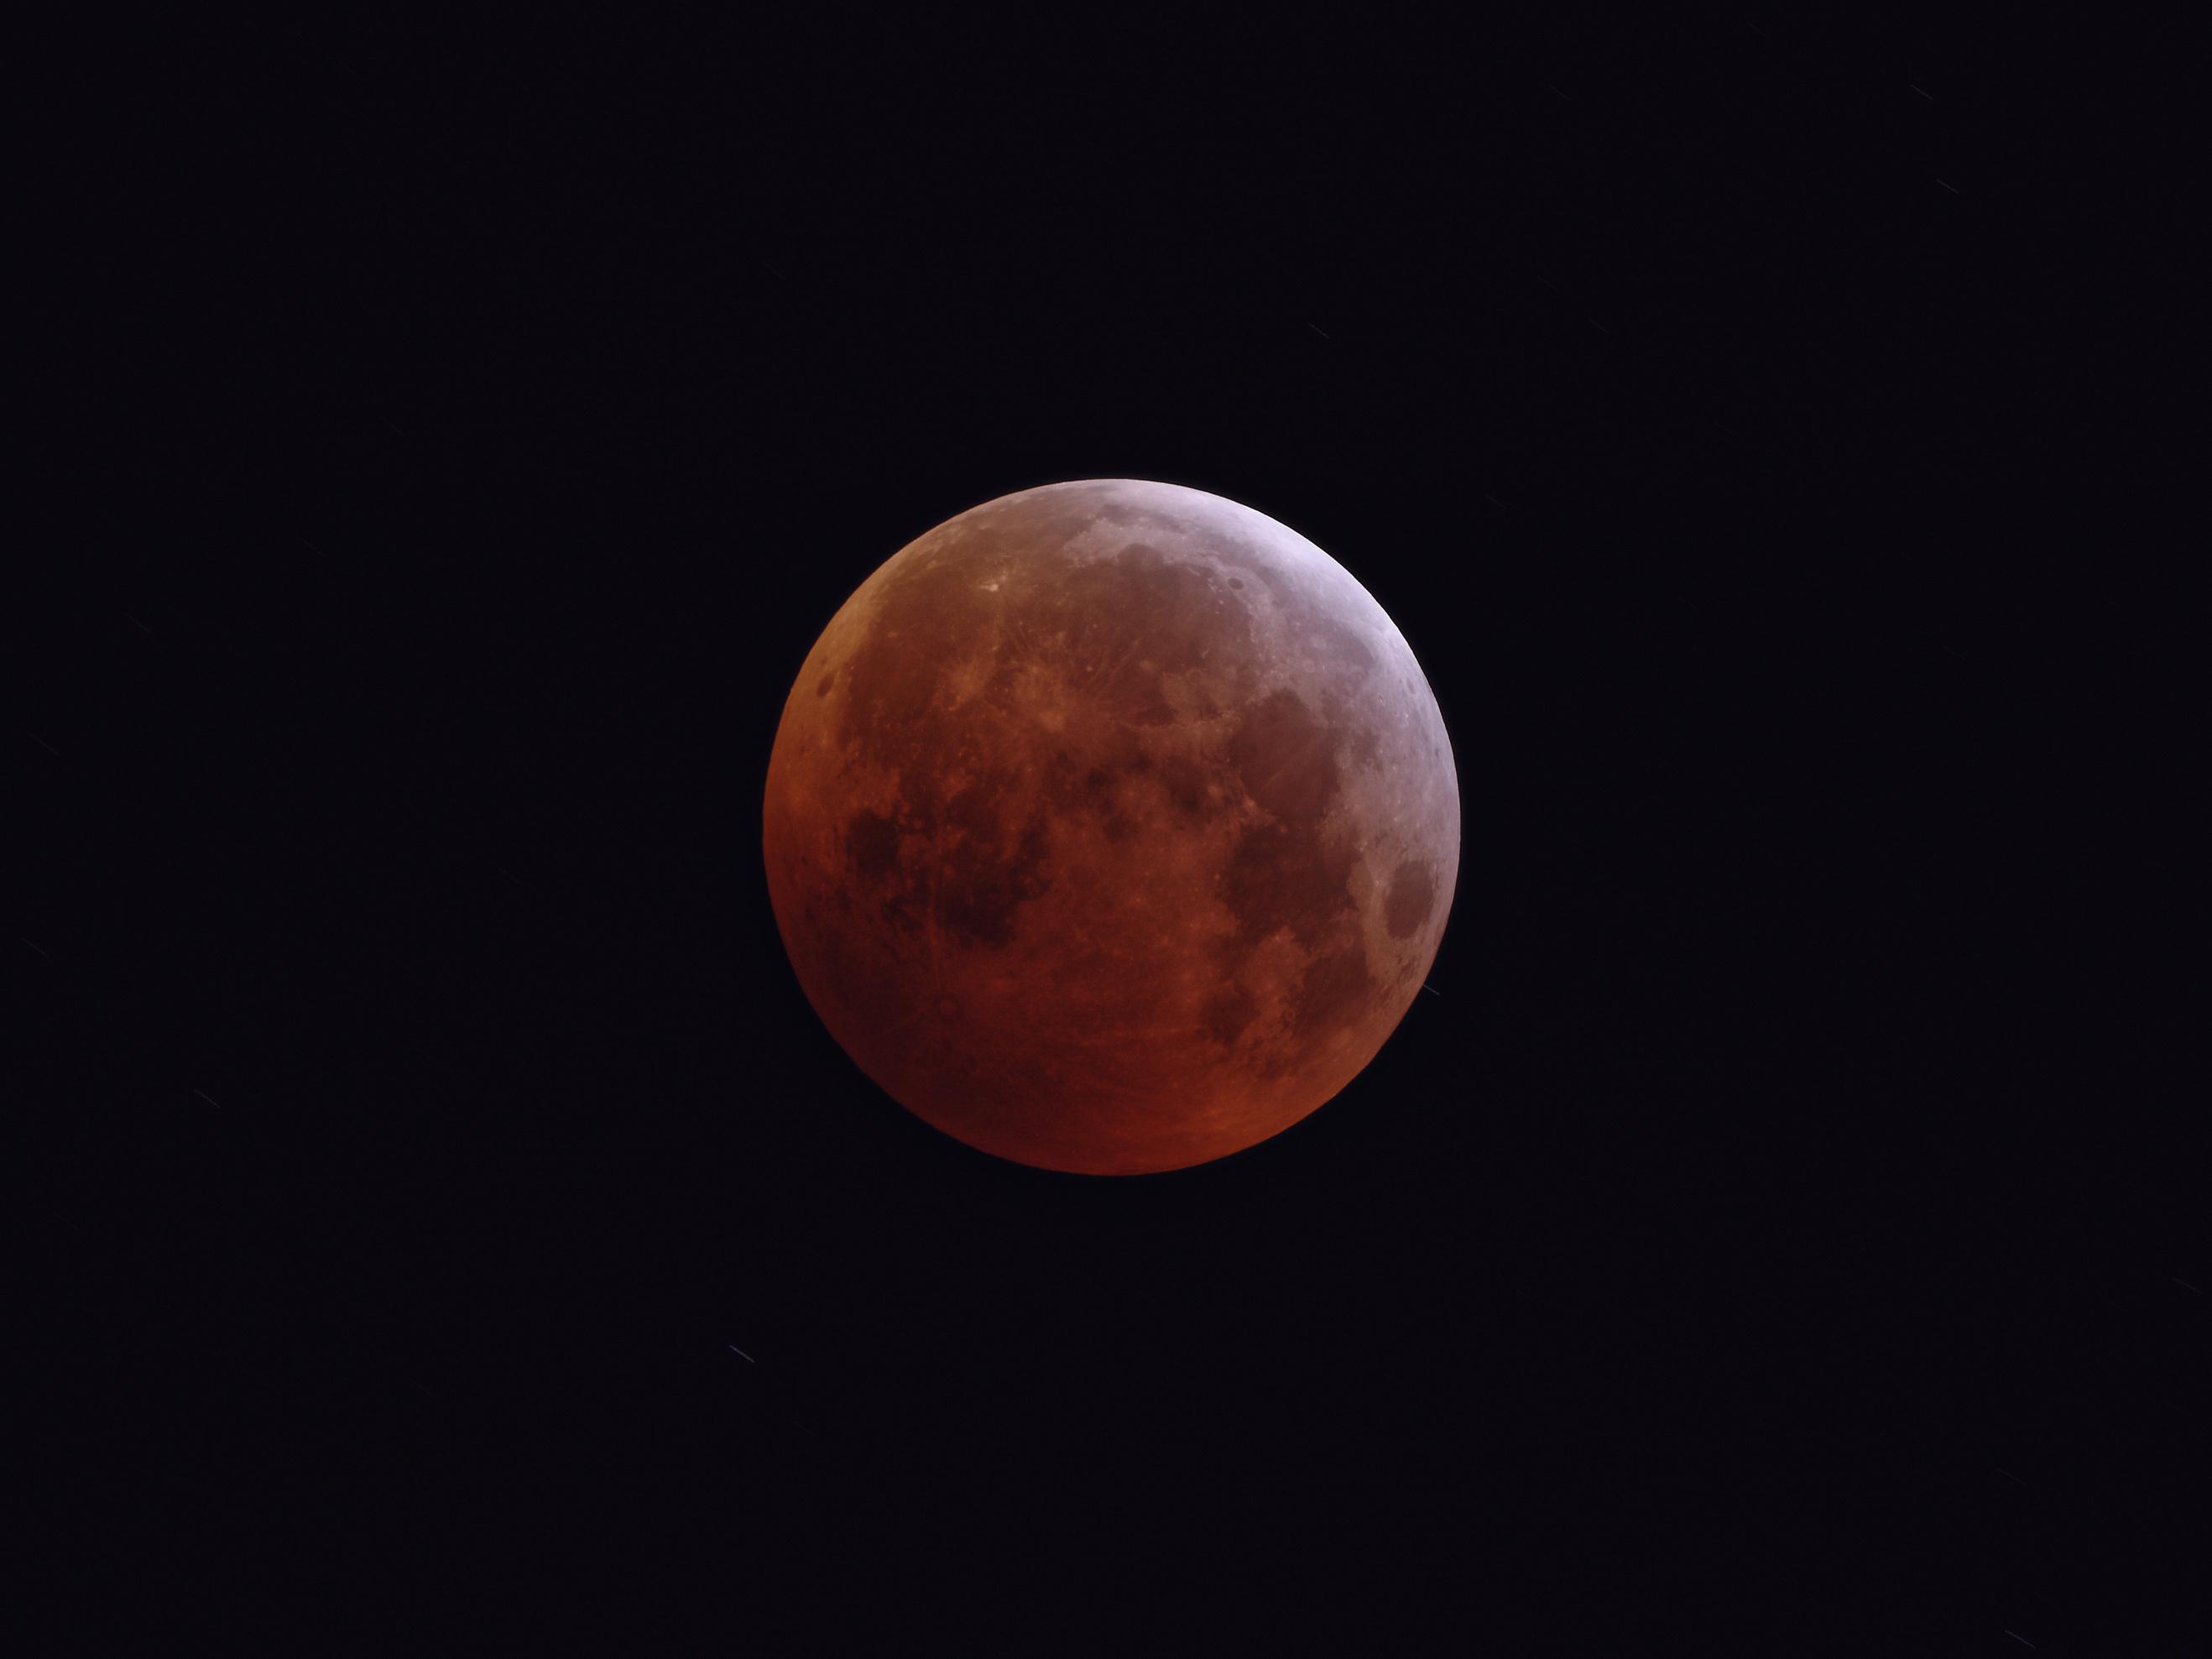 L'éclipse du 21 Janvier: 58 poses à la lunette apochromatique de 76mm et Nikon D810, sur trépied